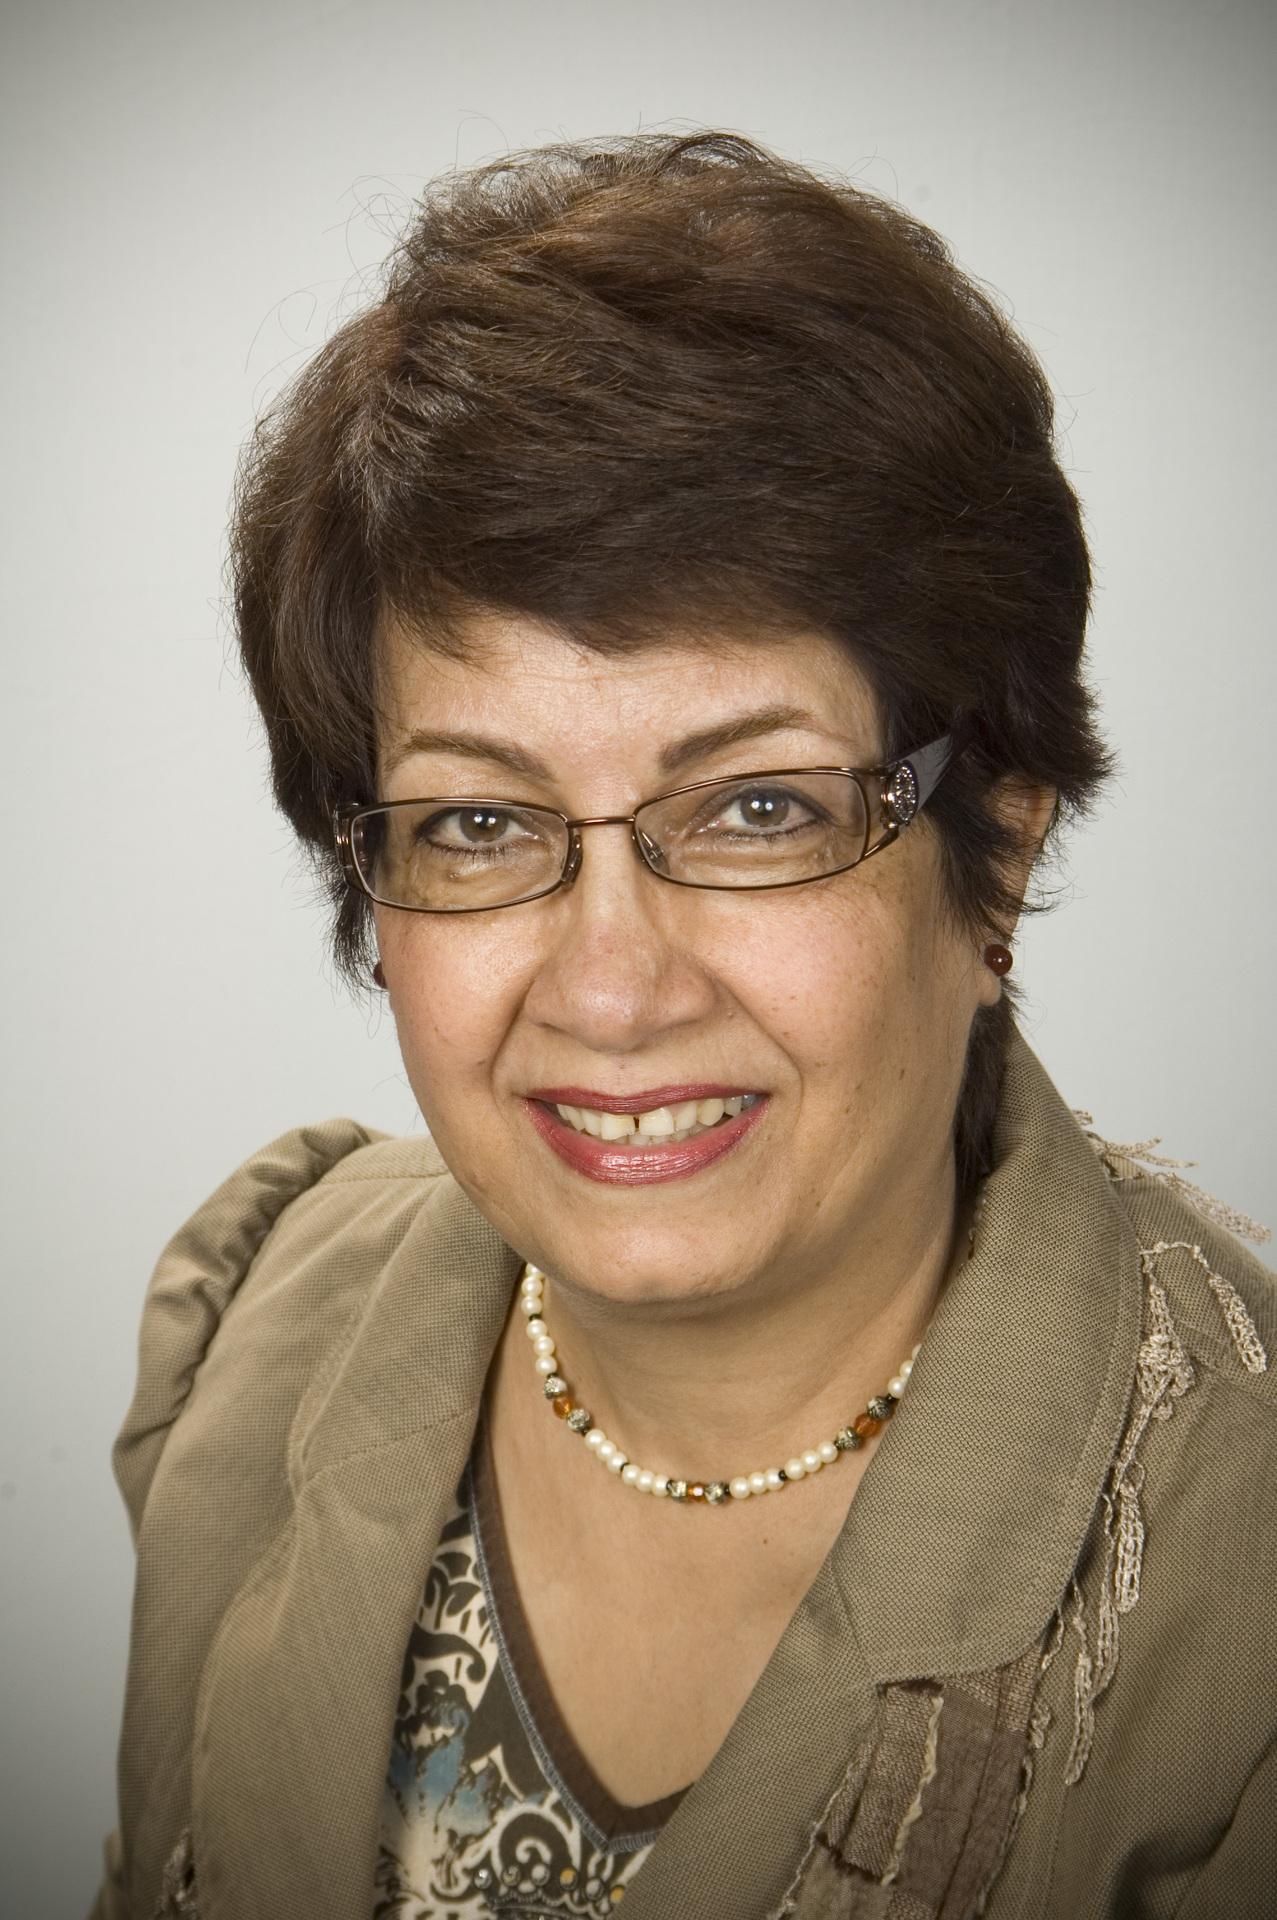 Shahnaz Nik